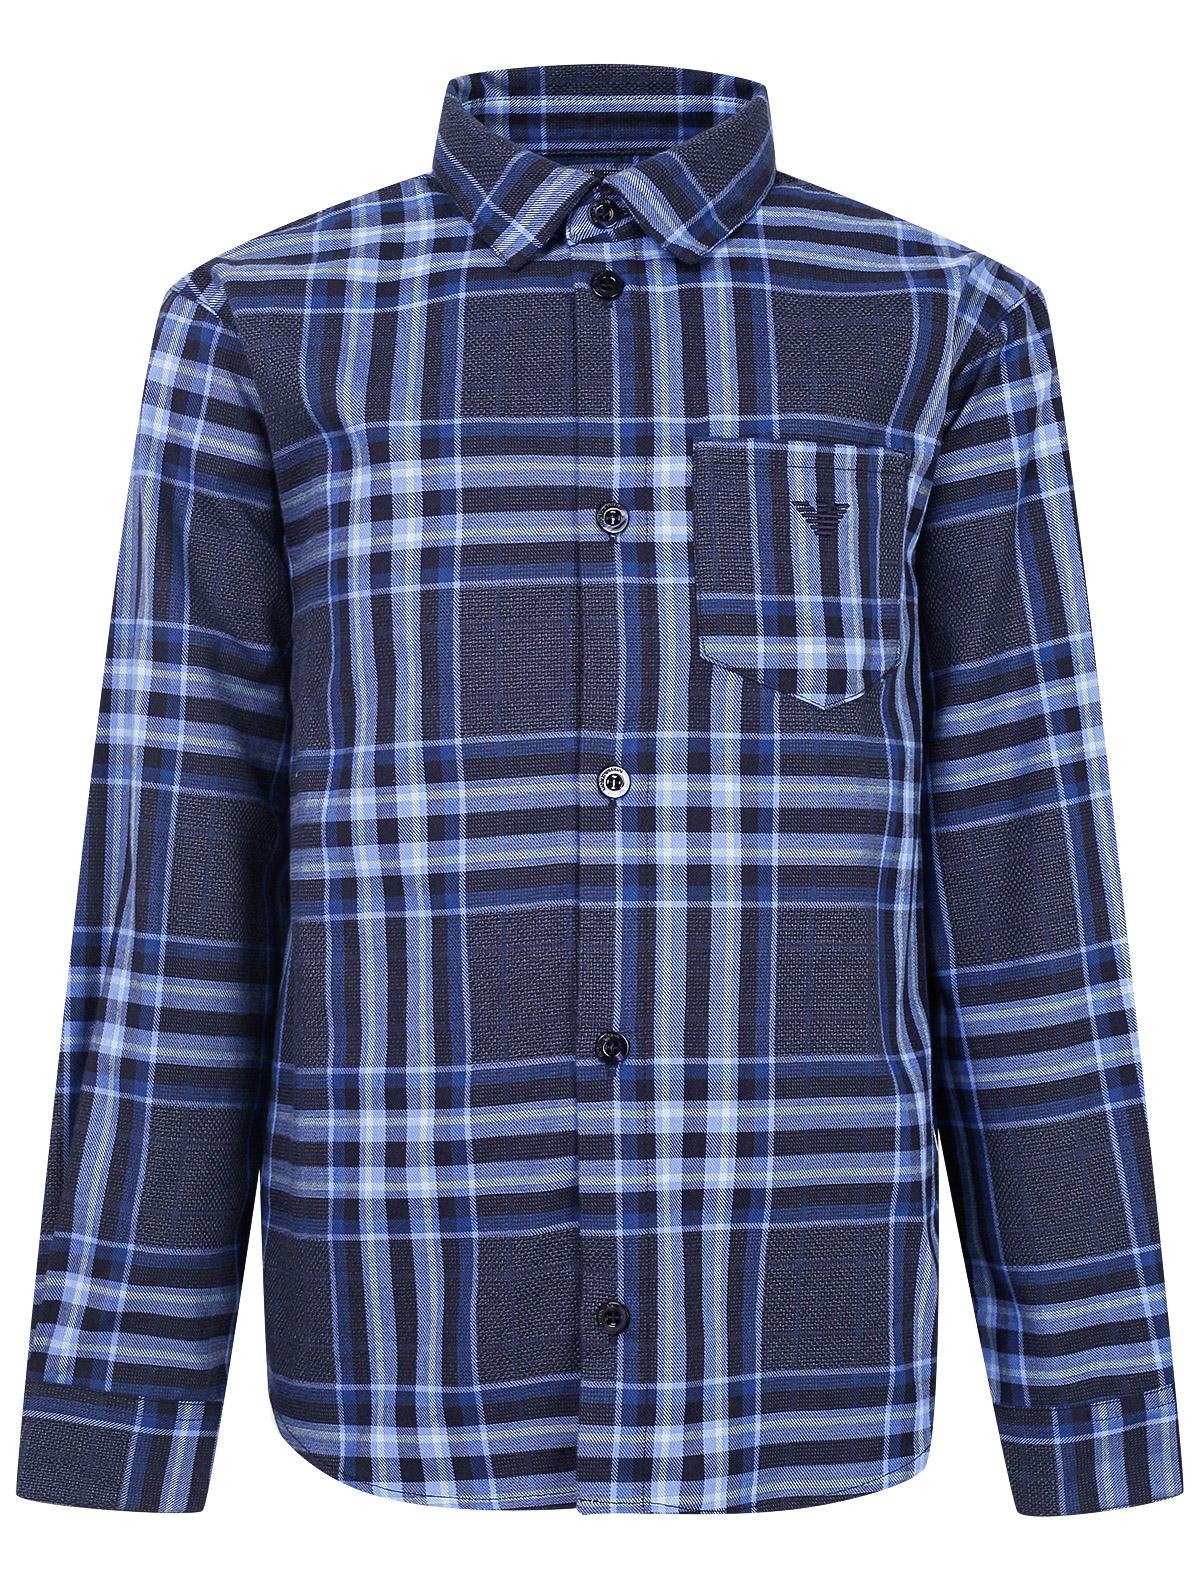 2129279, Рубашка Armani Junior, синий, Мужской, 1013619980129  - купить со скидкой